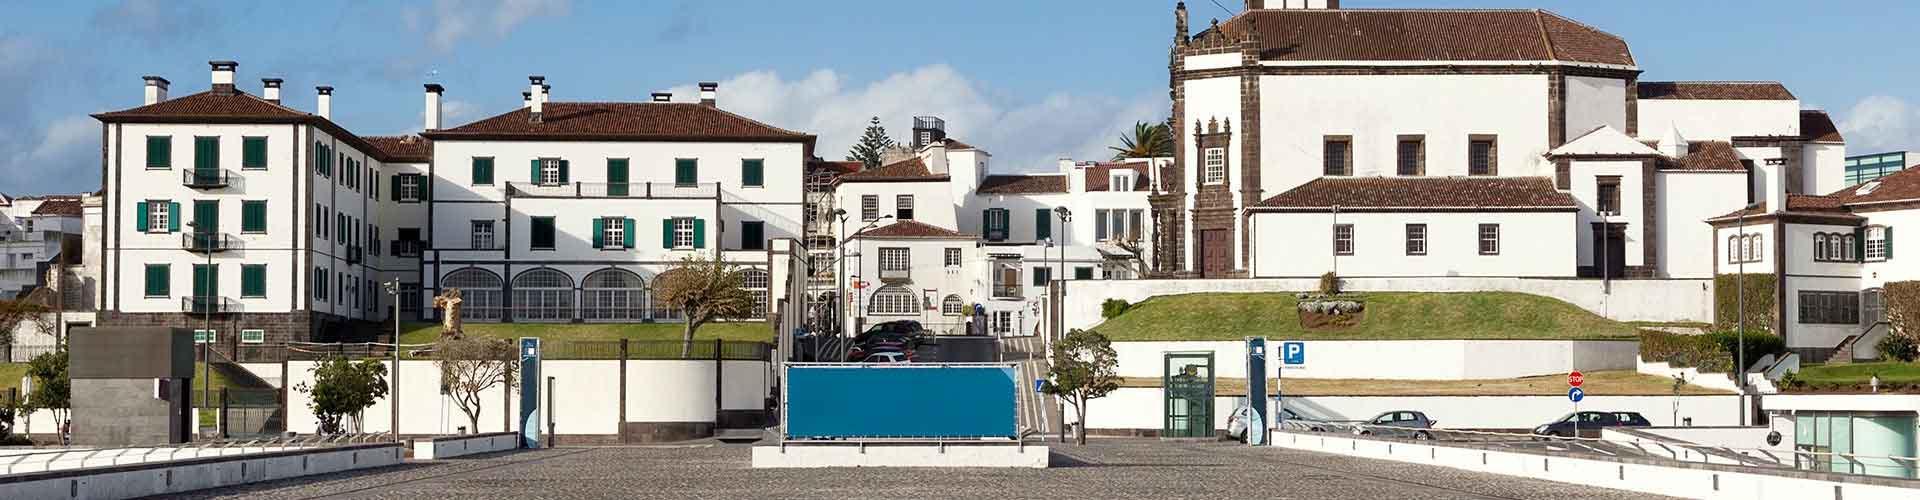 Ponta Delgada - Hoteles baratos en Ponta Delgada. Mapas de Ponta Delgada, Fotos y comentarios de cada Hotel en Ponta Delgada.